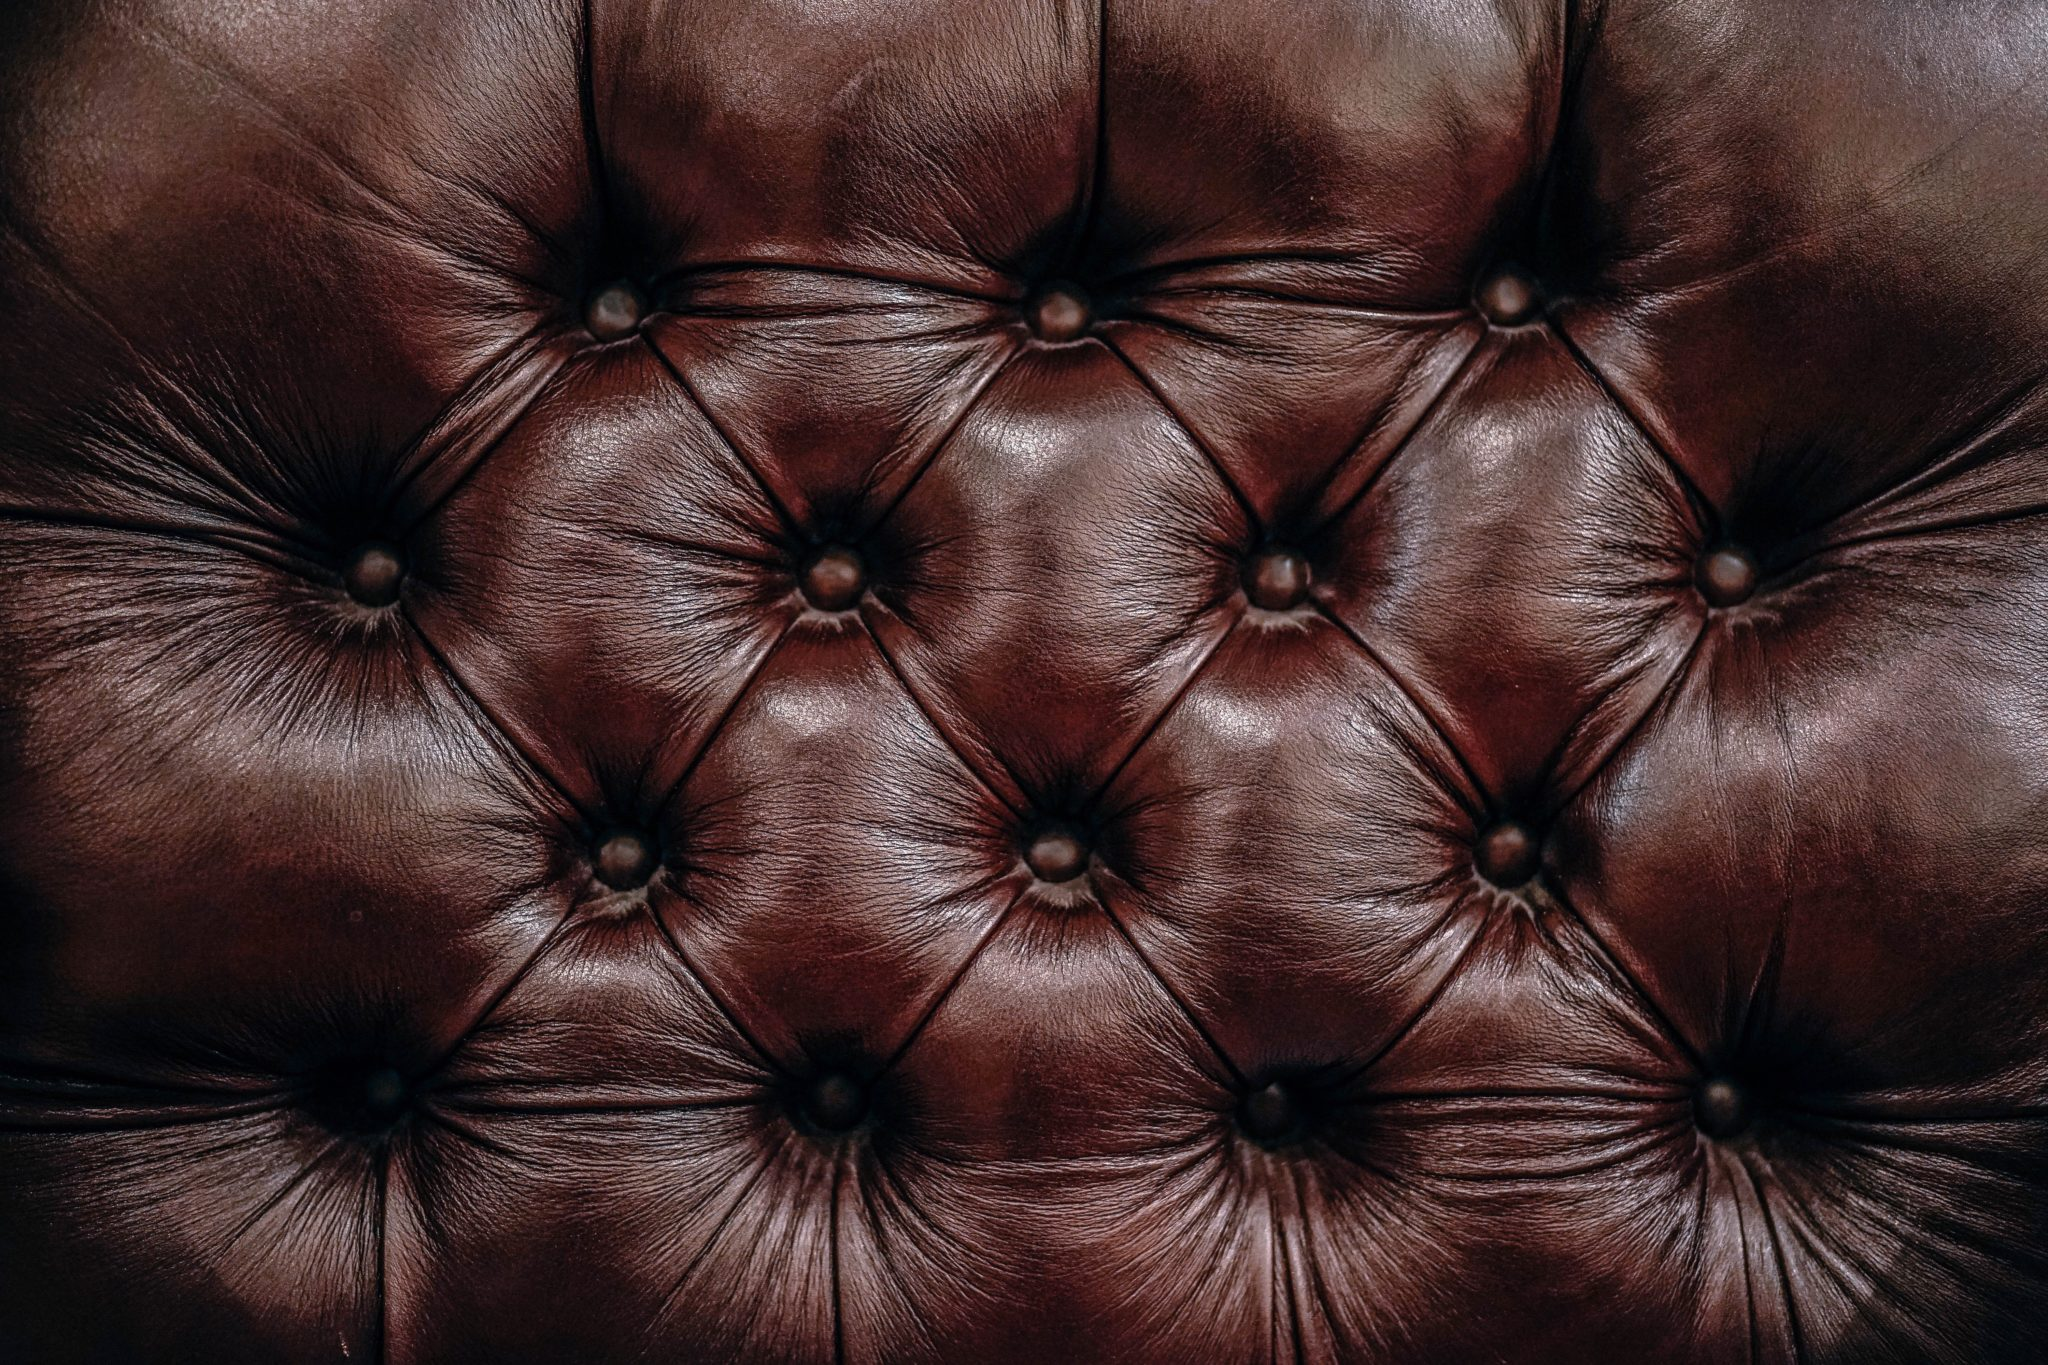 Le cuir végétal : vrai ou faux ? – L'éco blog